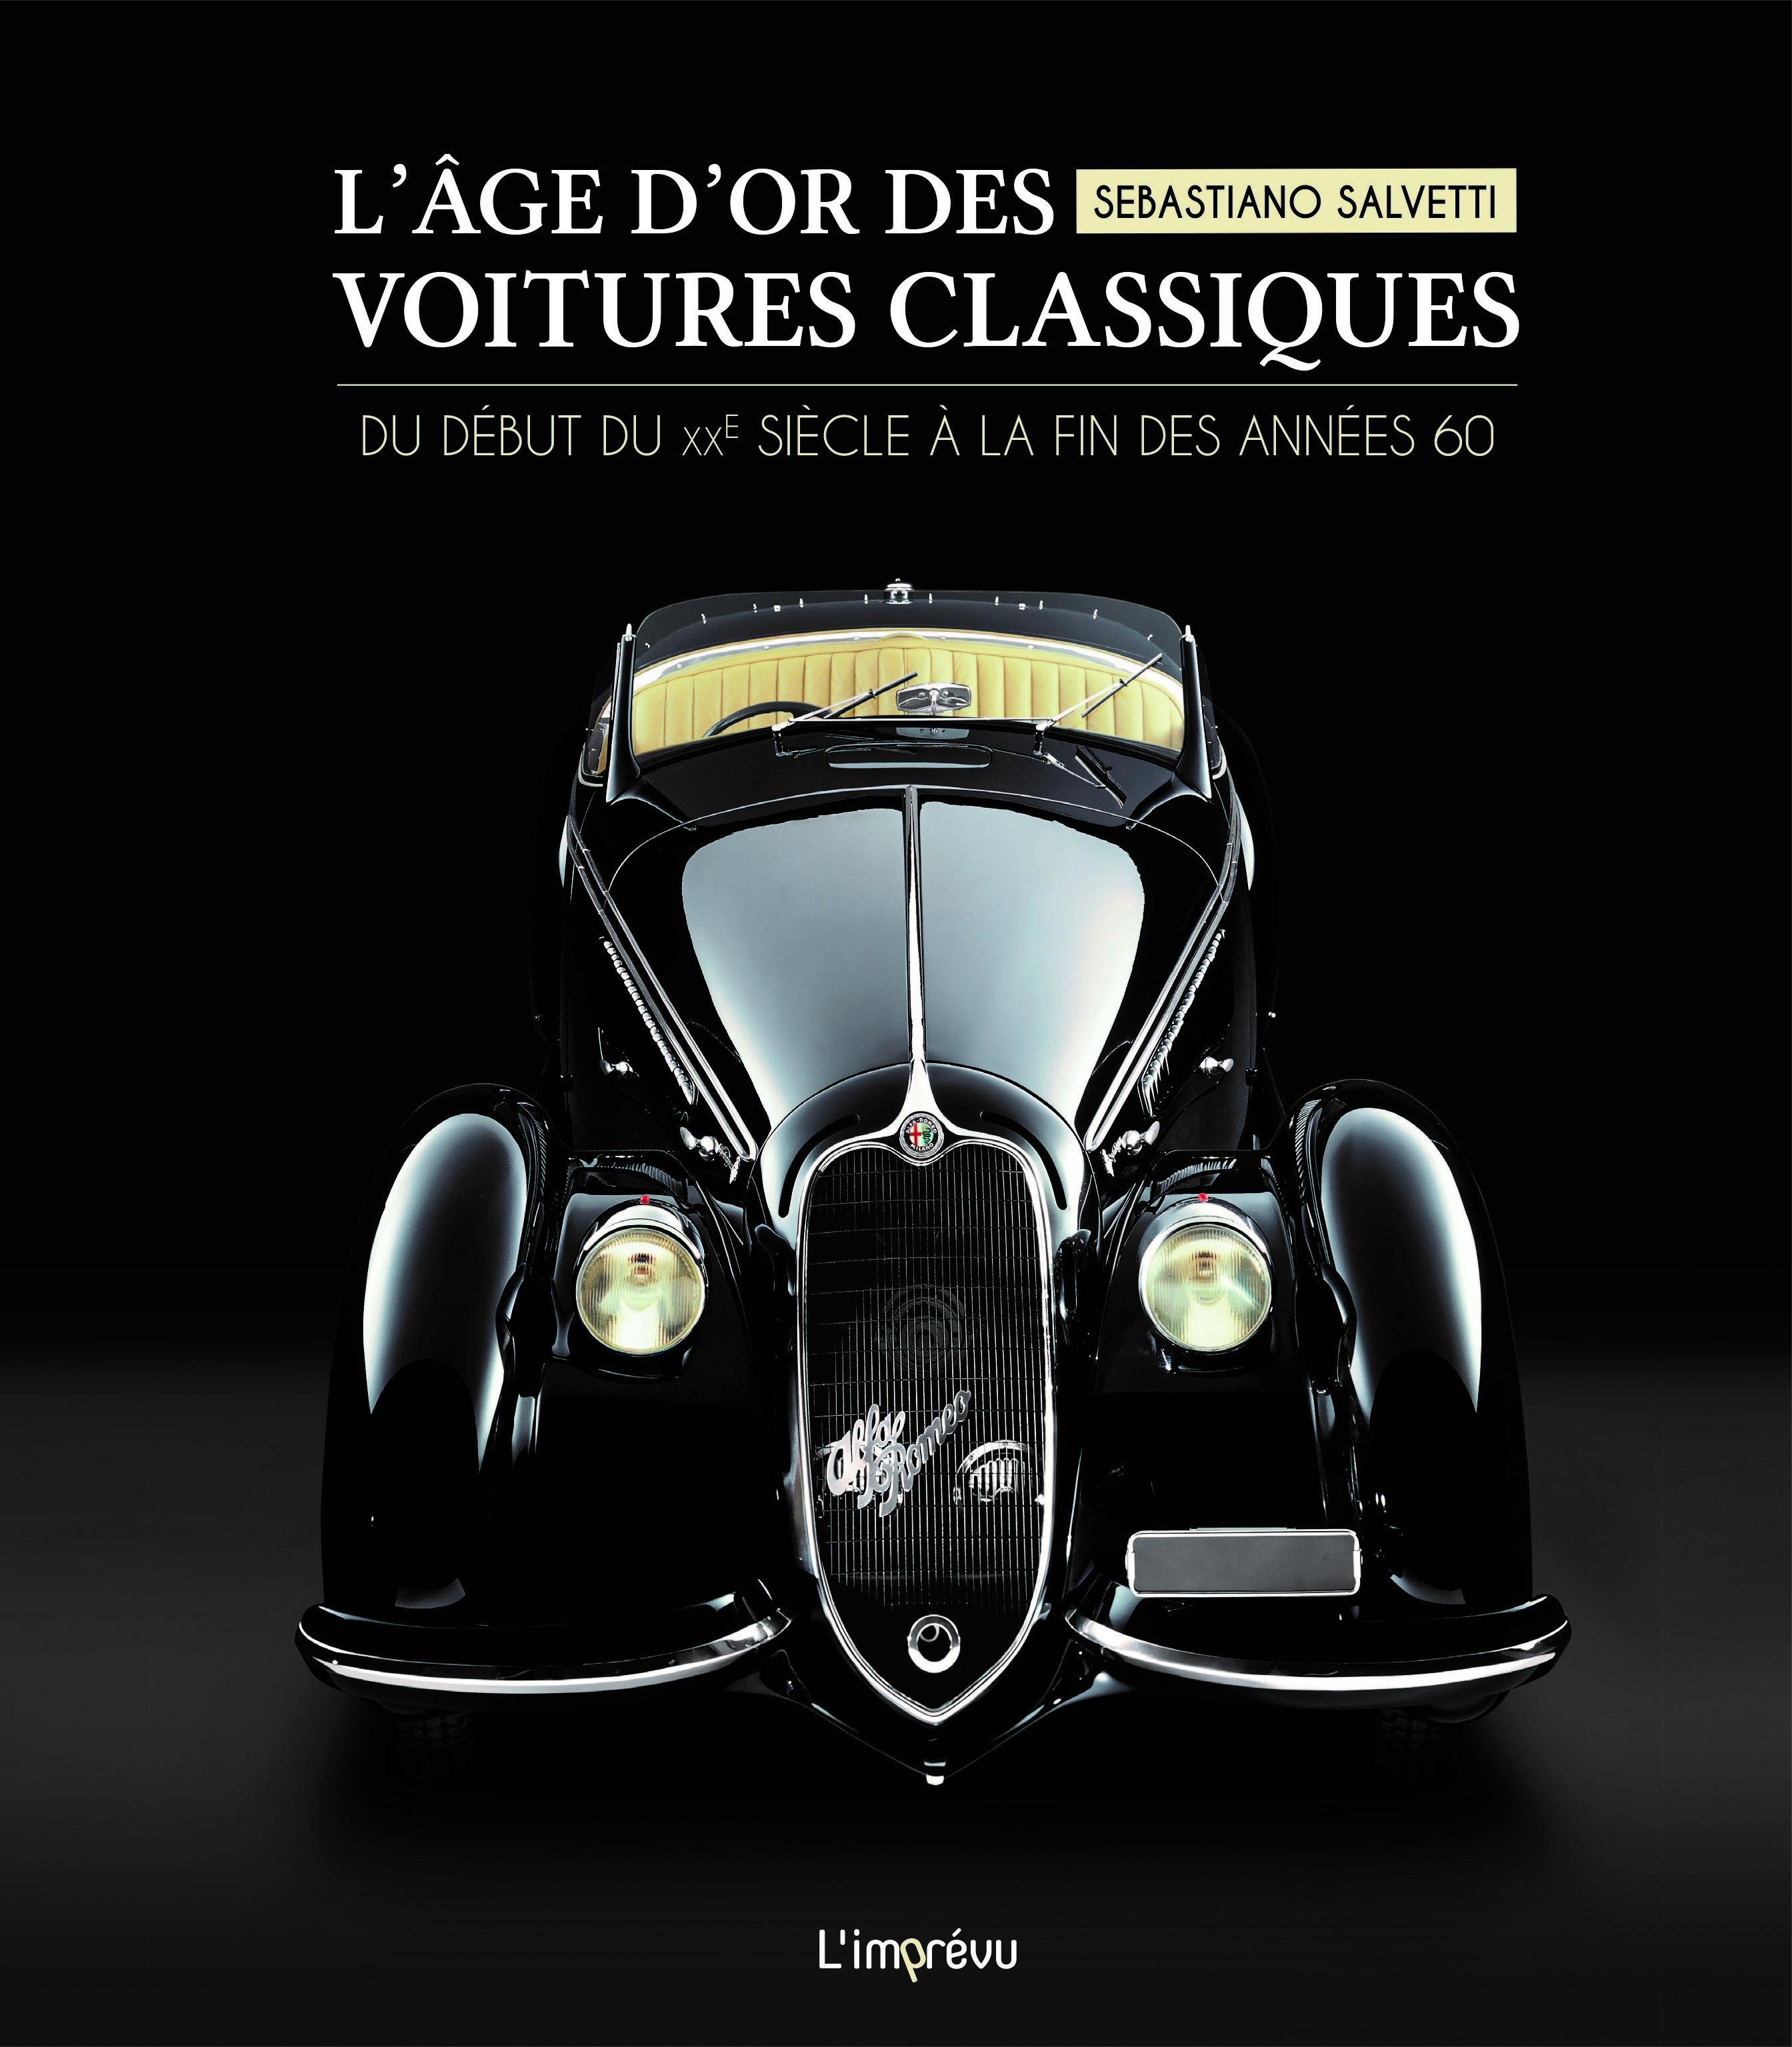 L'AGE D'OR DES VOITURES CLASSIQUES -  DU DEBUT DU XXE SIECLE A LA FIN DES ANNEES 60